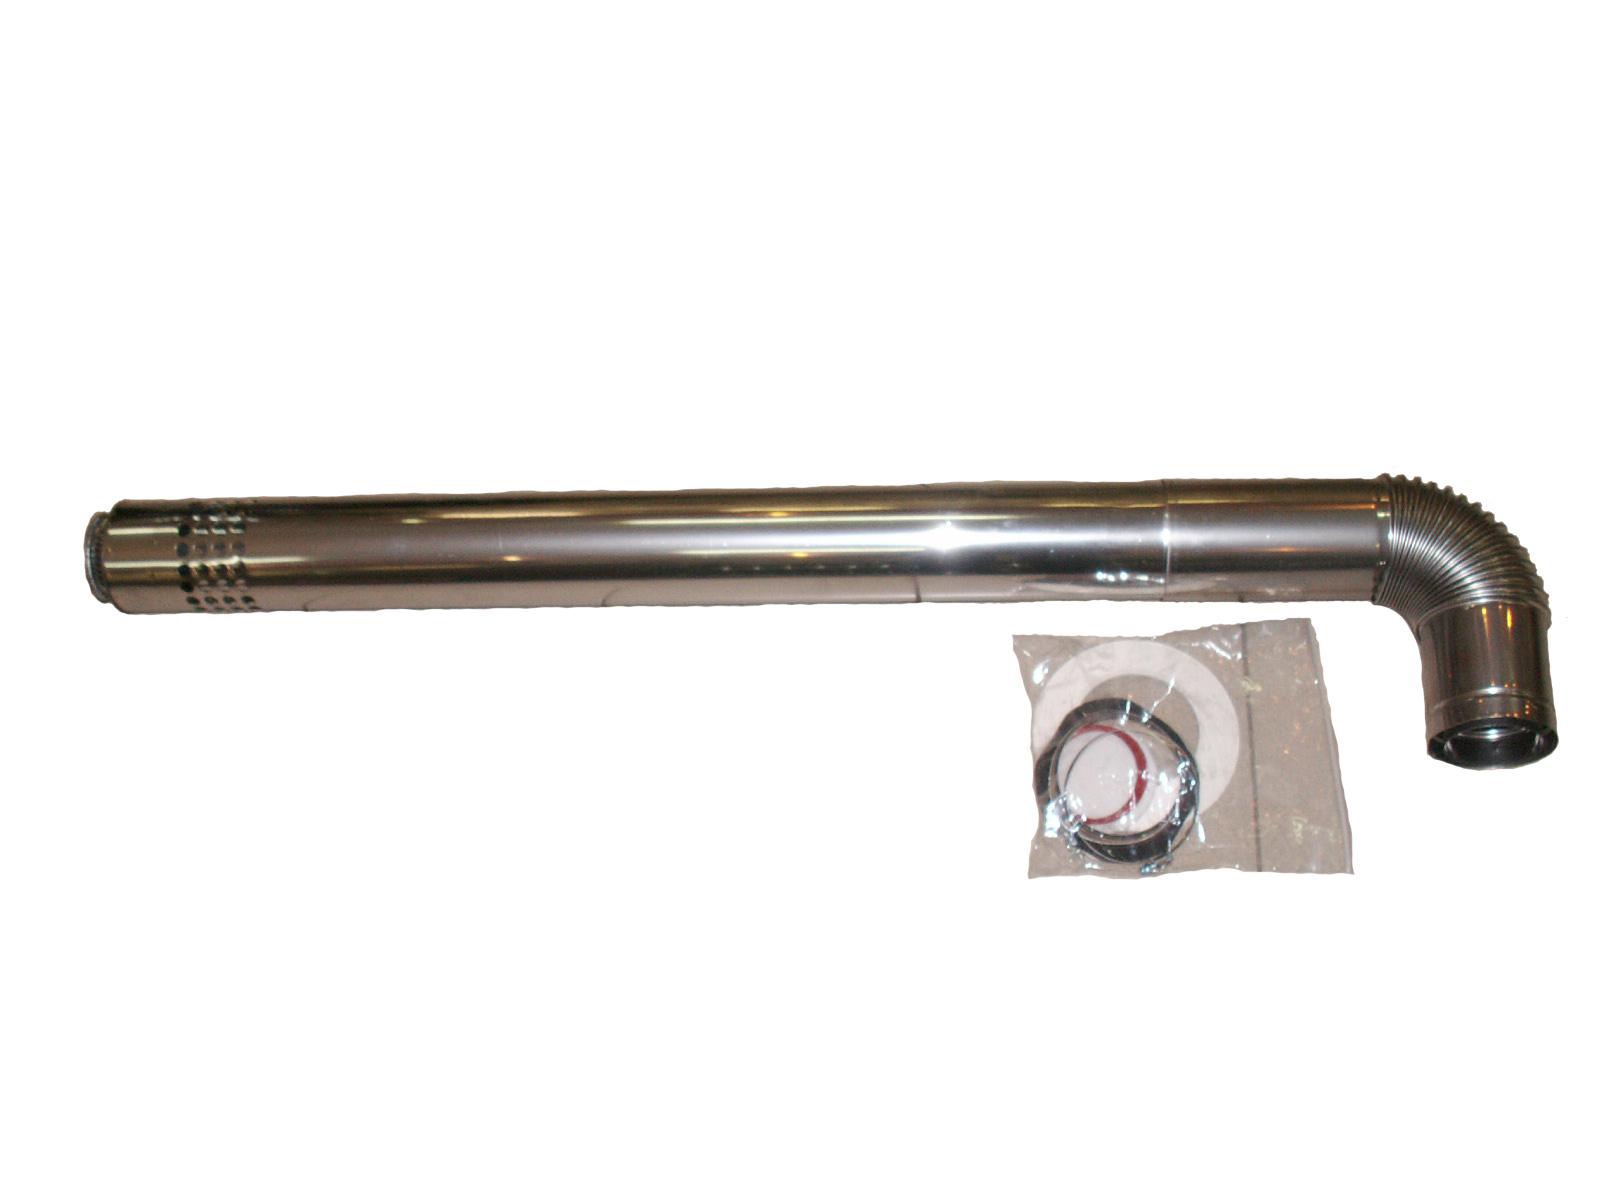 Коаксиальный дымоход 80 мм купить как сделать маленькую печку из кирпича для готовки на улице с дымоходом